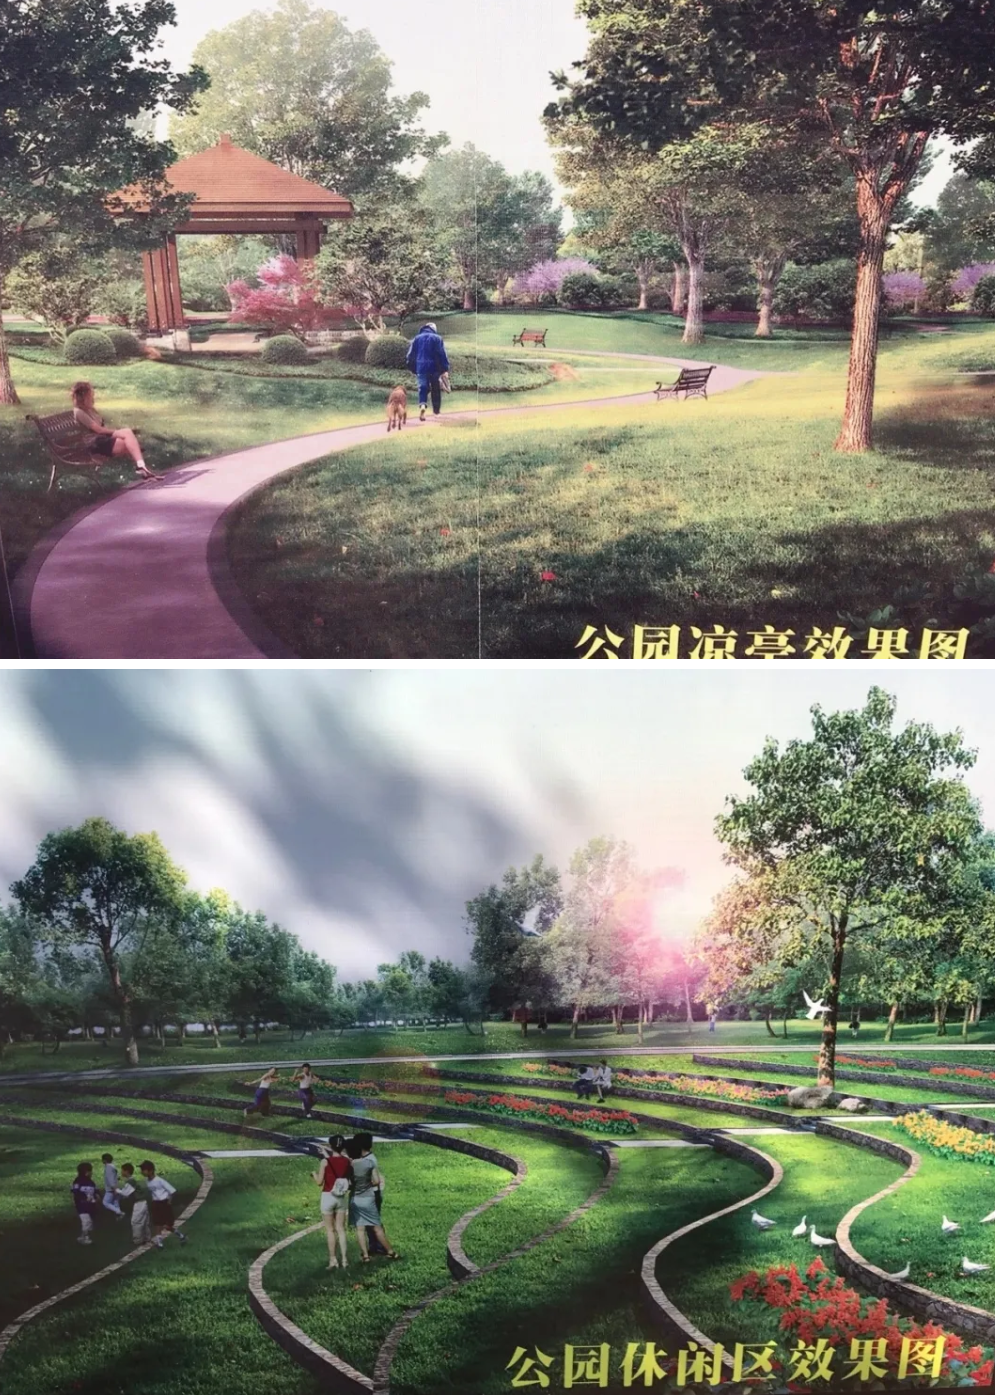 陆丰东海玉照公园即将升级改造 陆丰新闻 第3张